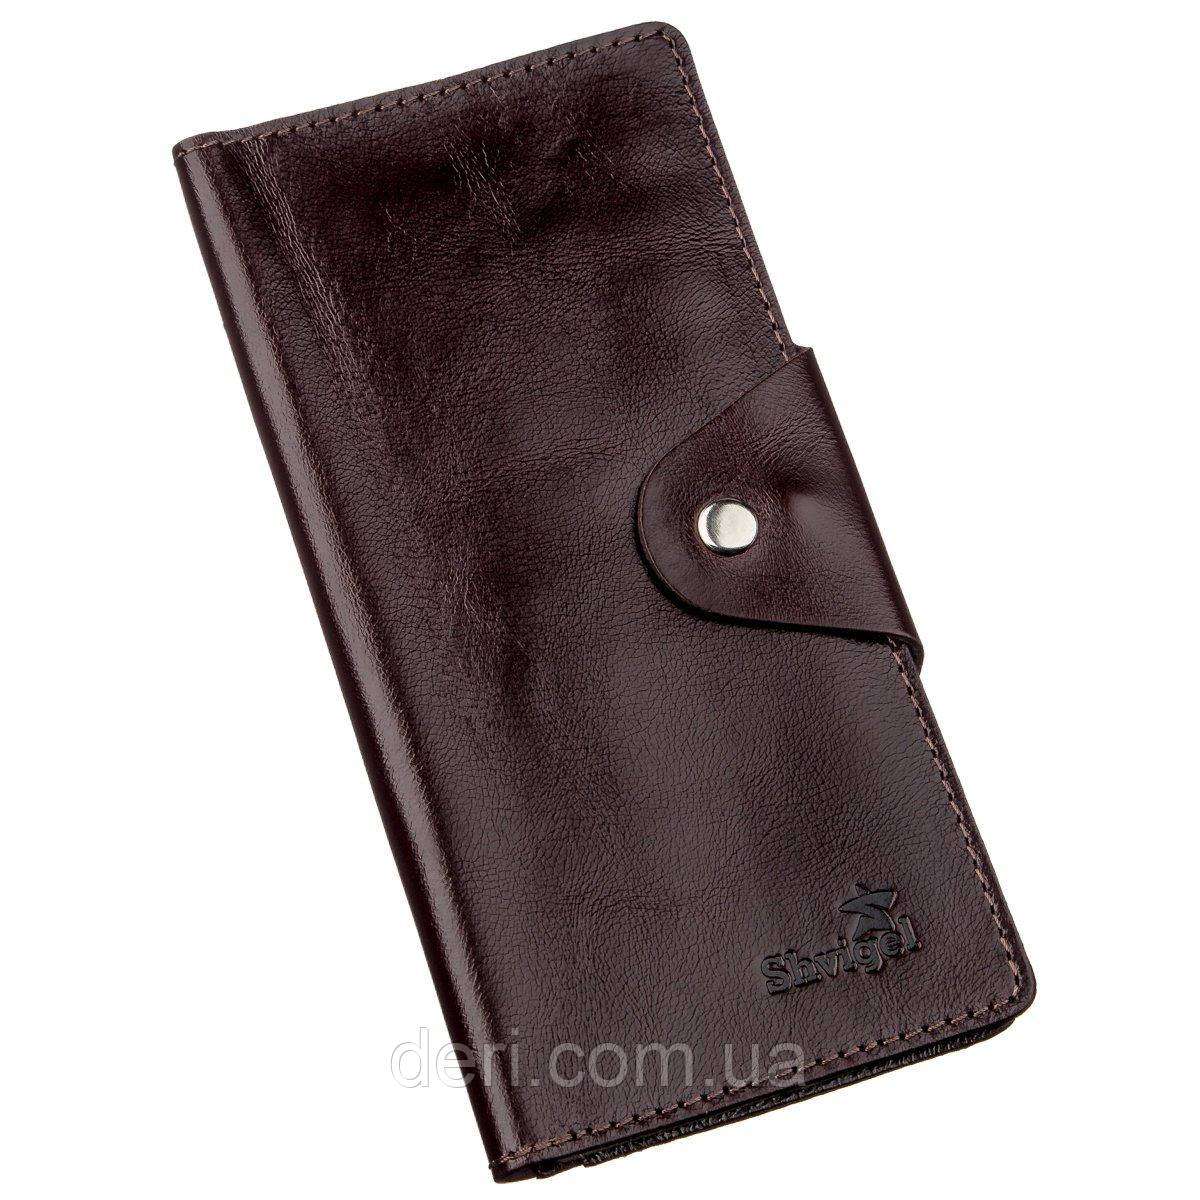 Бумажник мужской вертикальный на кнопочной застежке